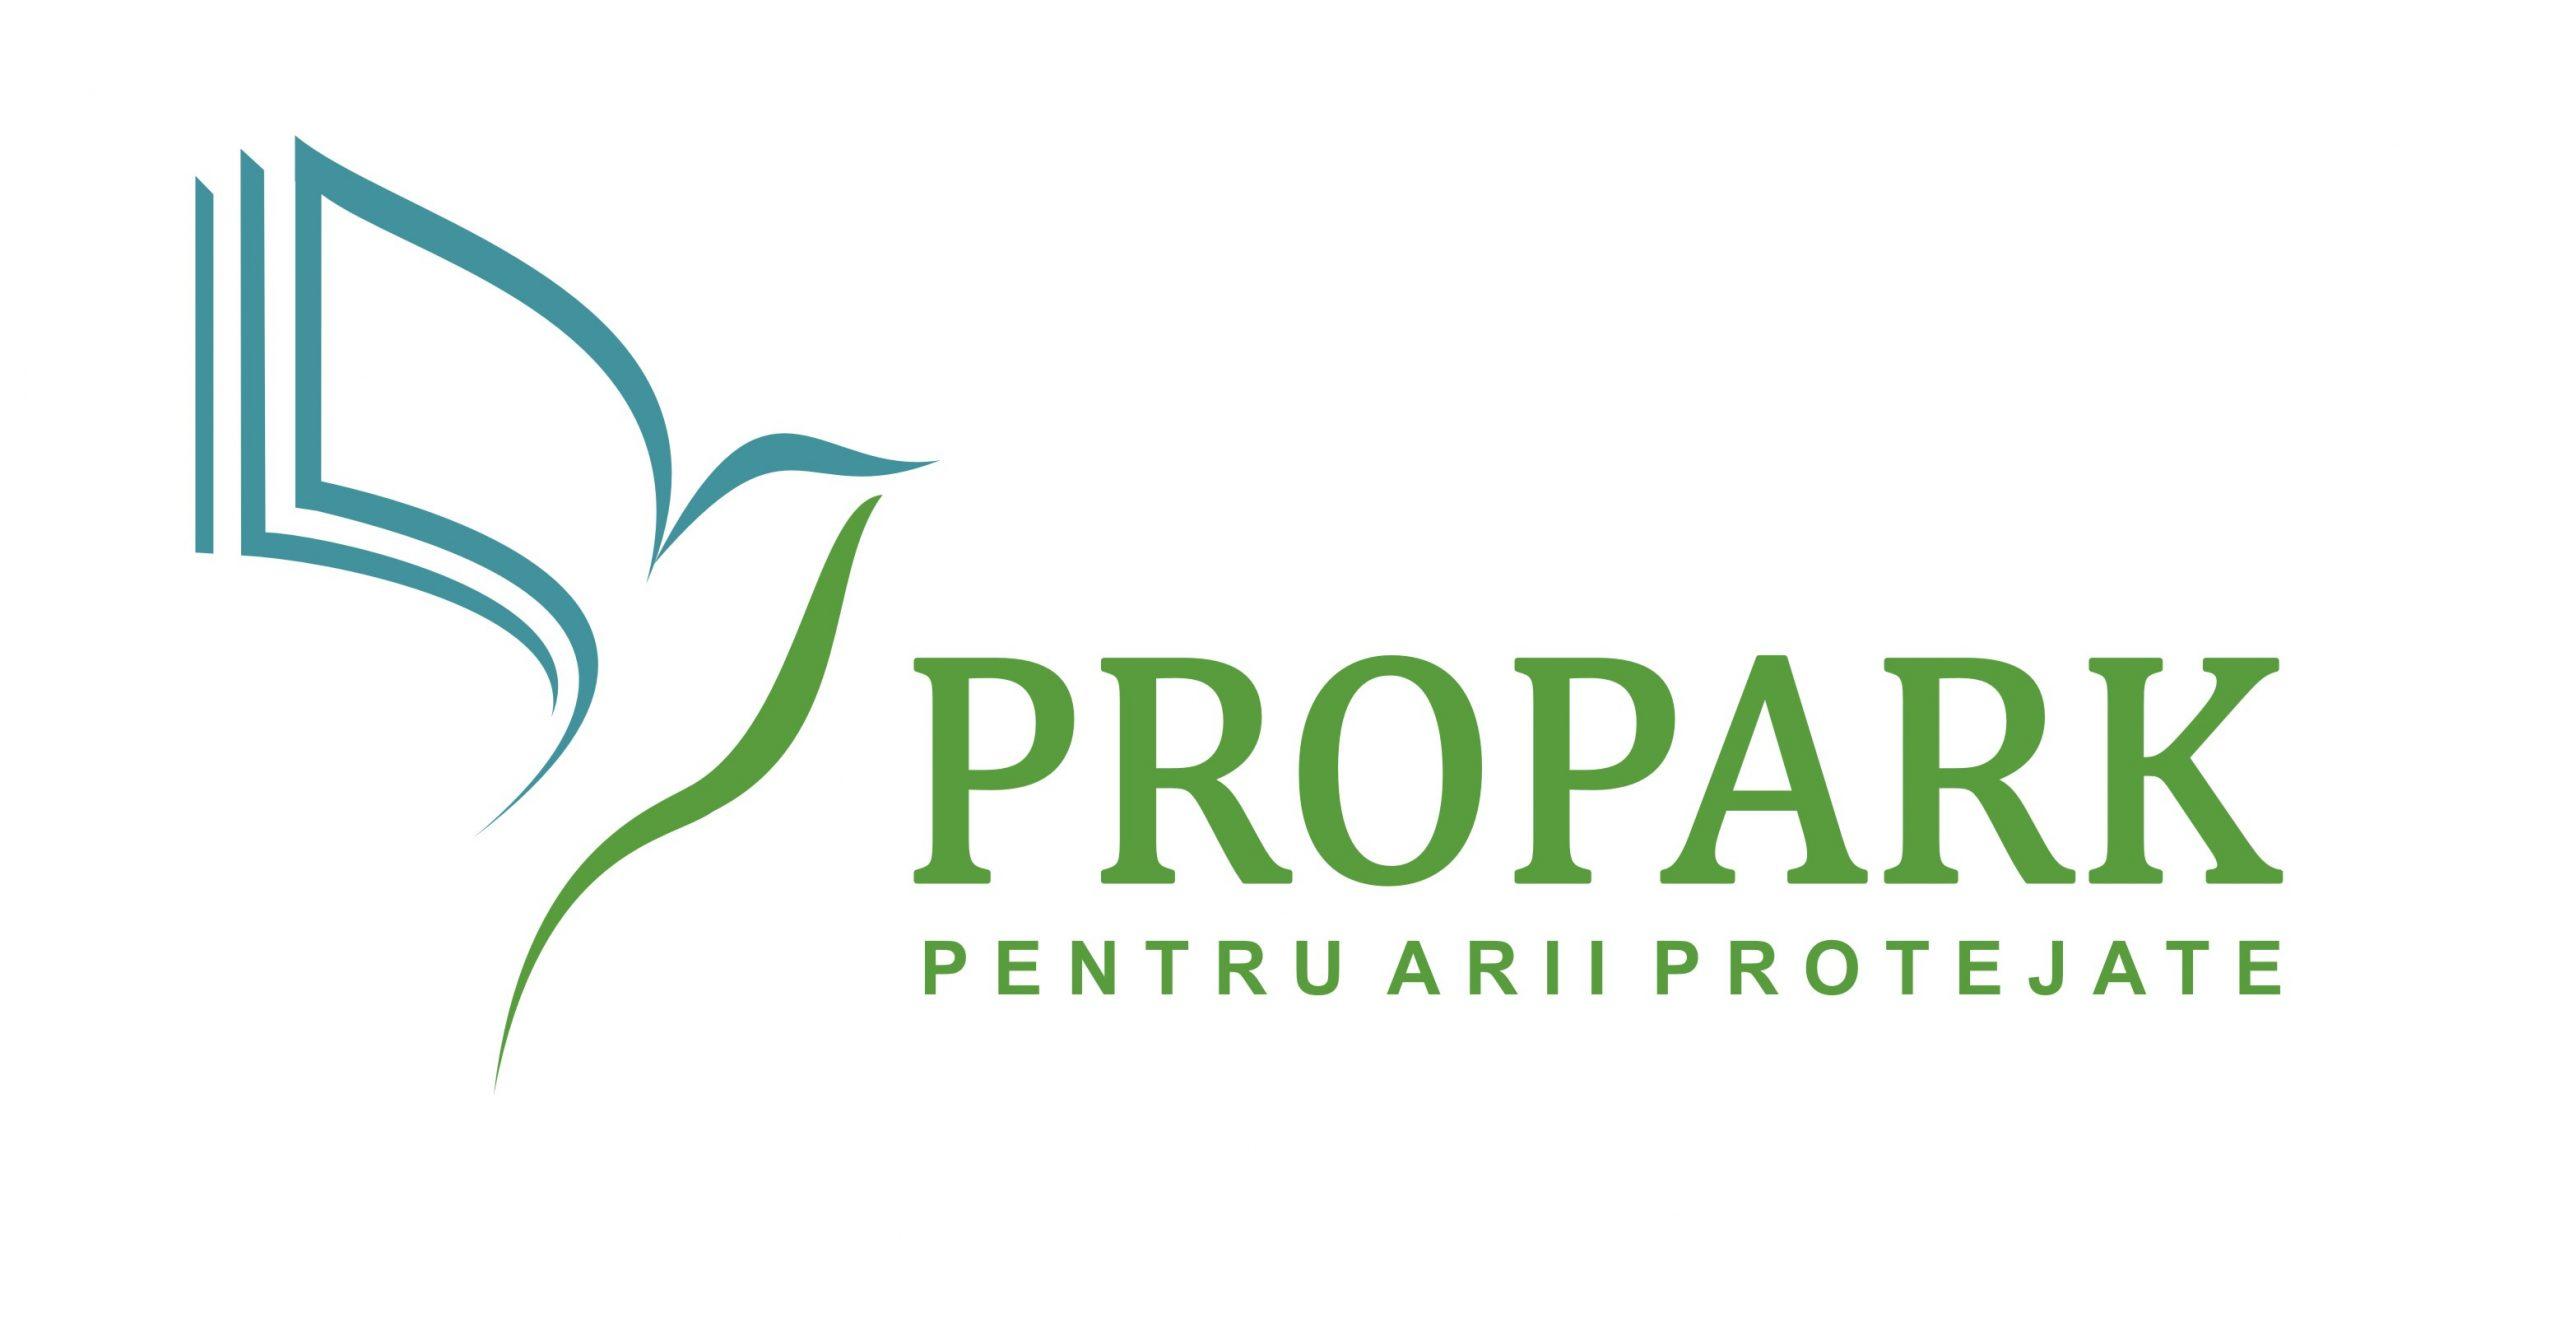 Pro Park